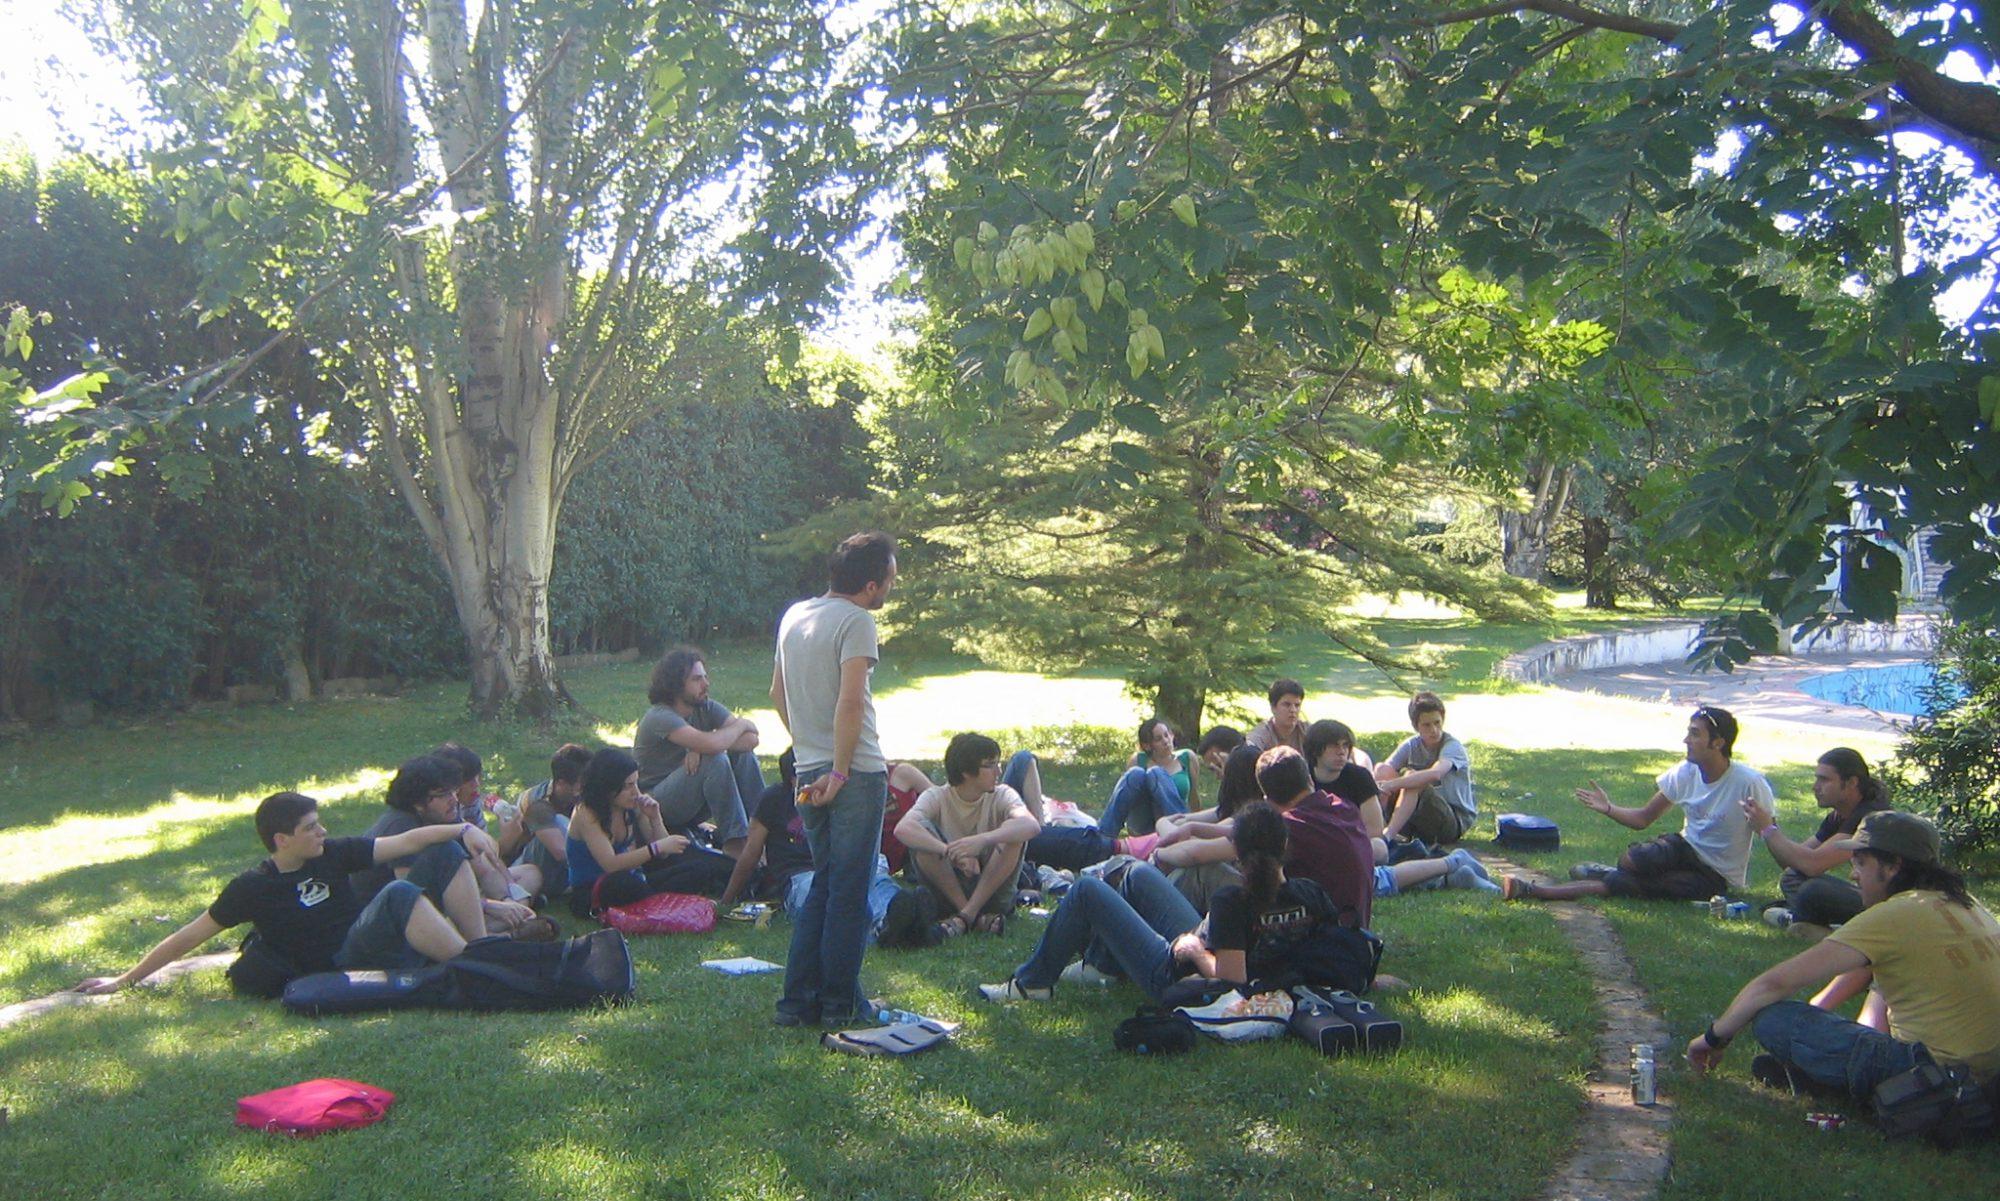 Campus Rock